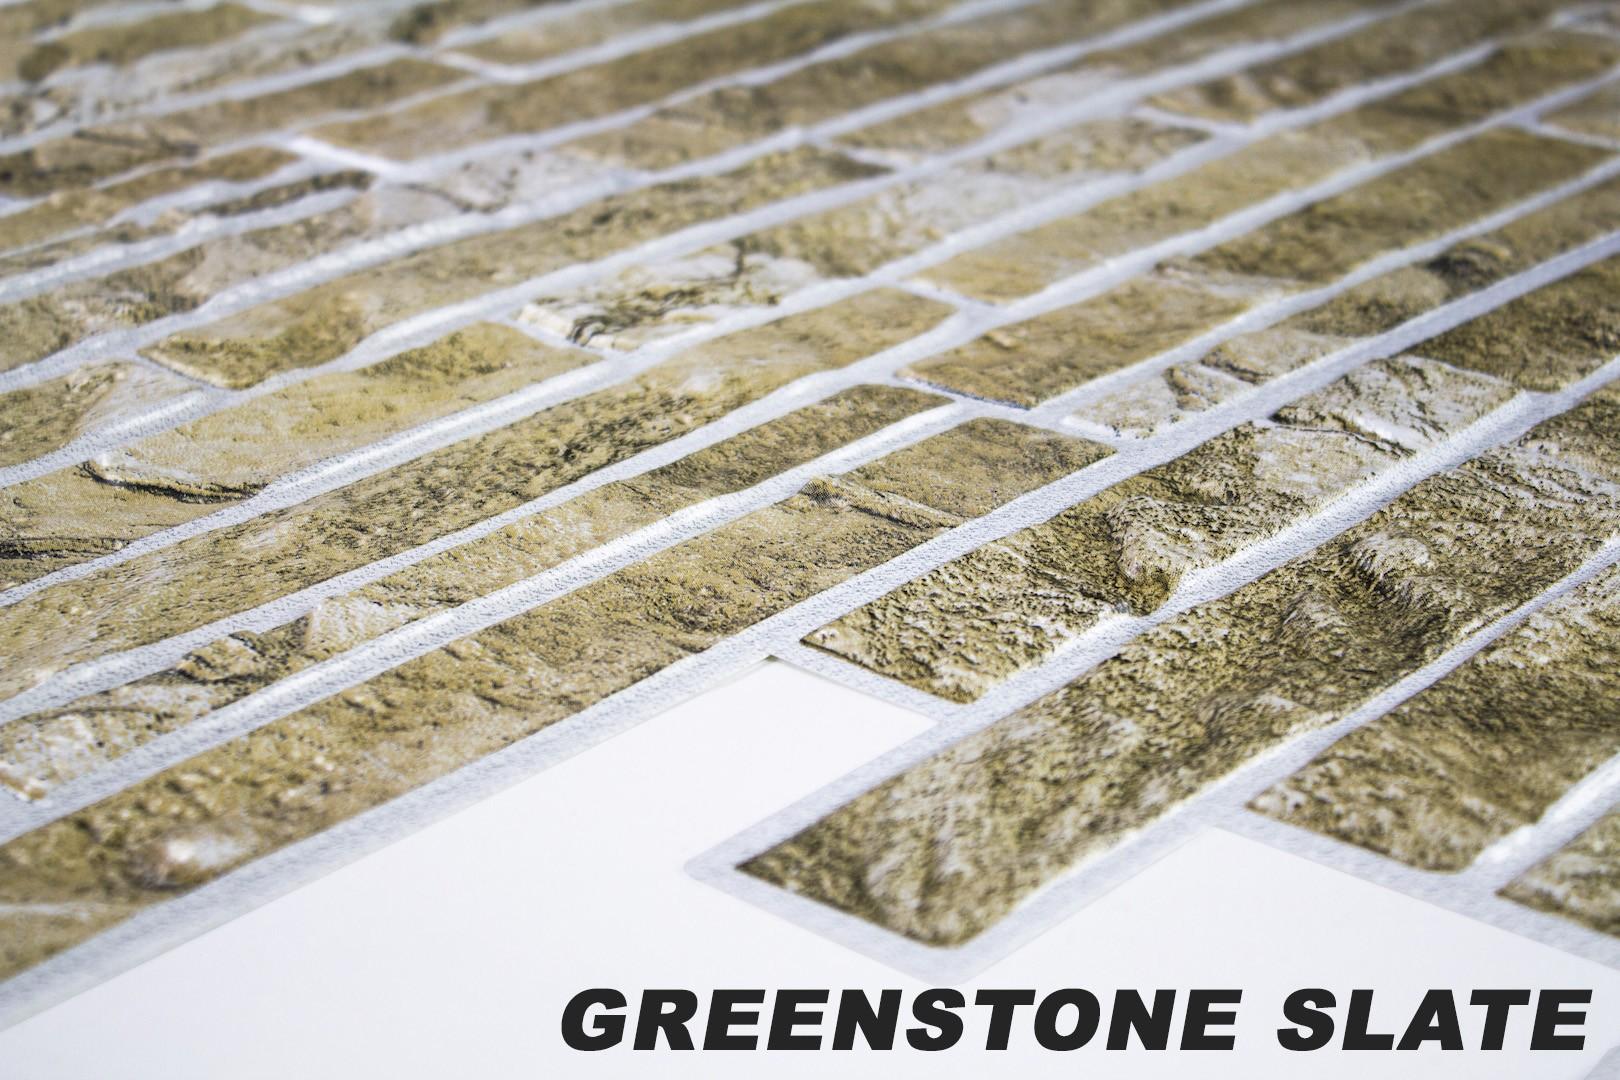 Greenstone slate originalbild 1